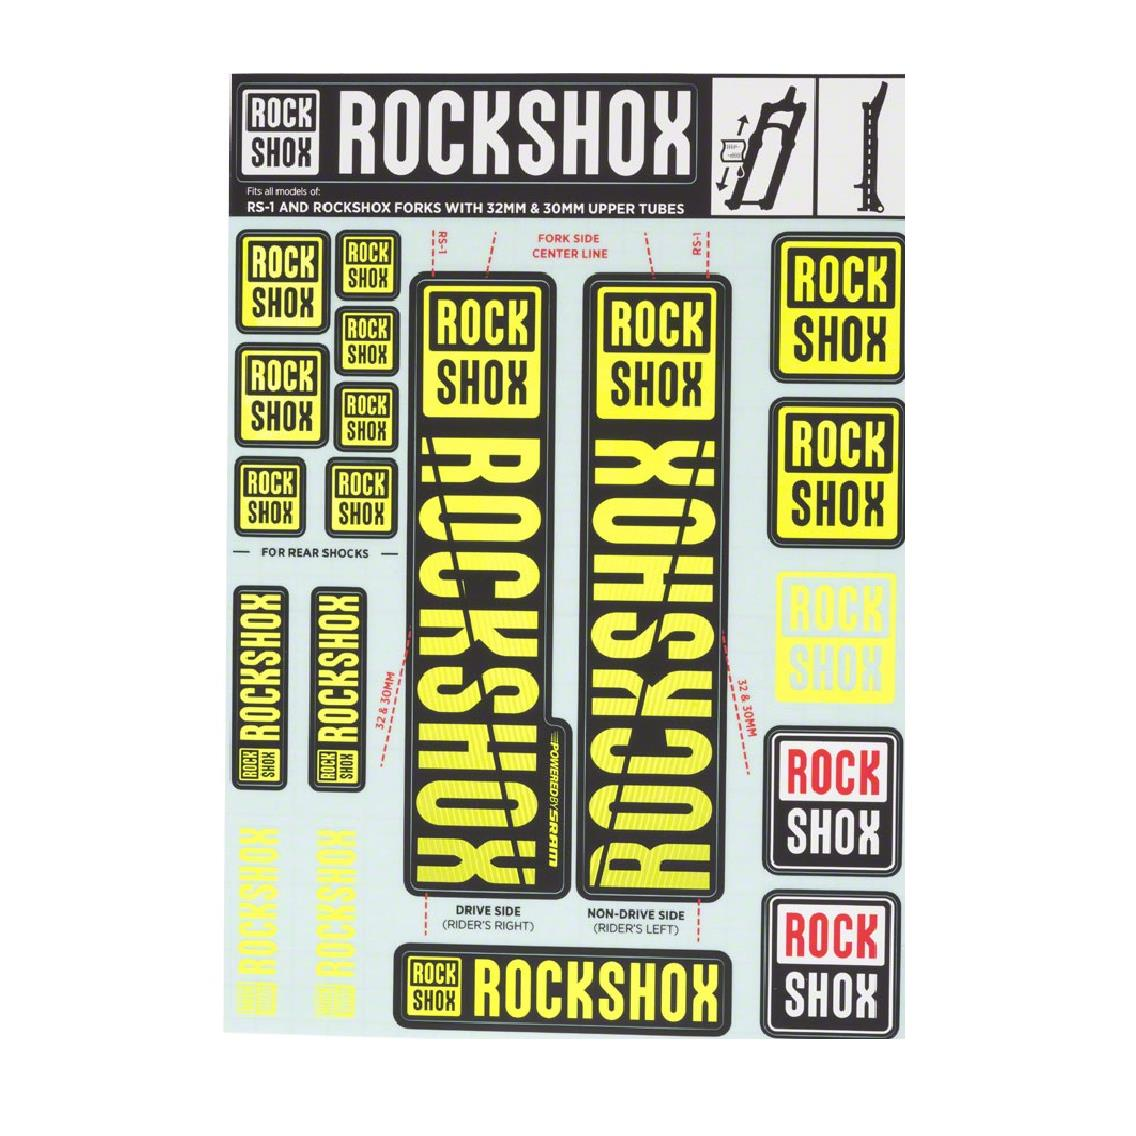 RockShox Aufklebersatz Ø30/32mm & RS1 Federgabeln Fahrrad Kit Neongelb Deko Set,RockShox,11.4318.003.498, 710845803765